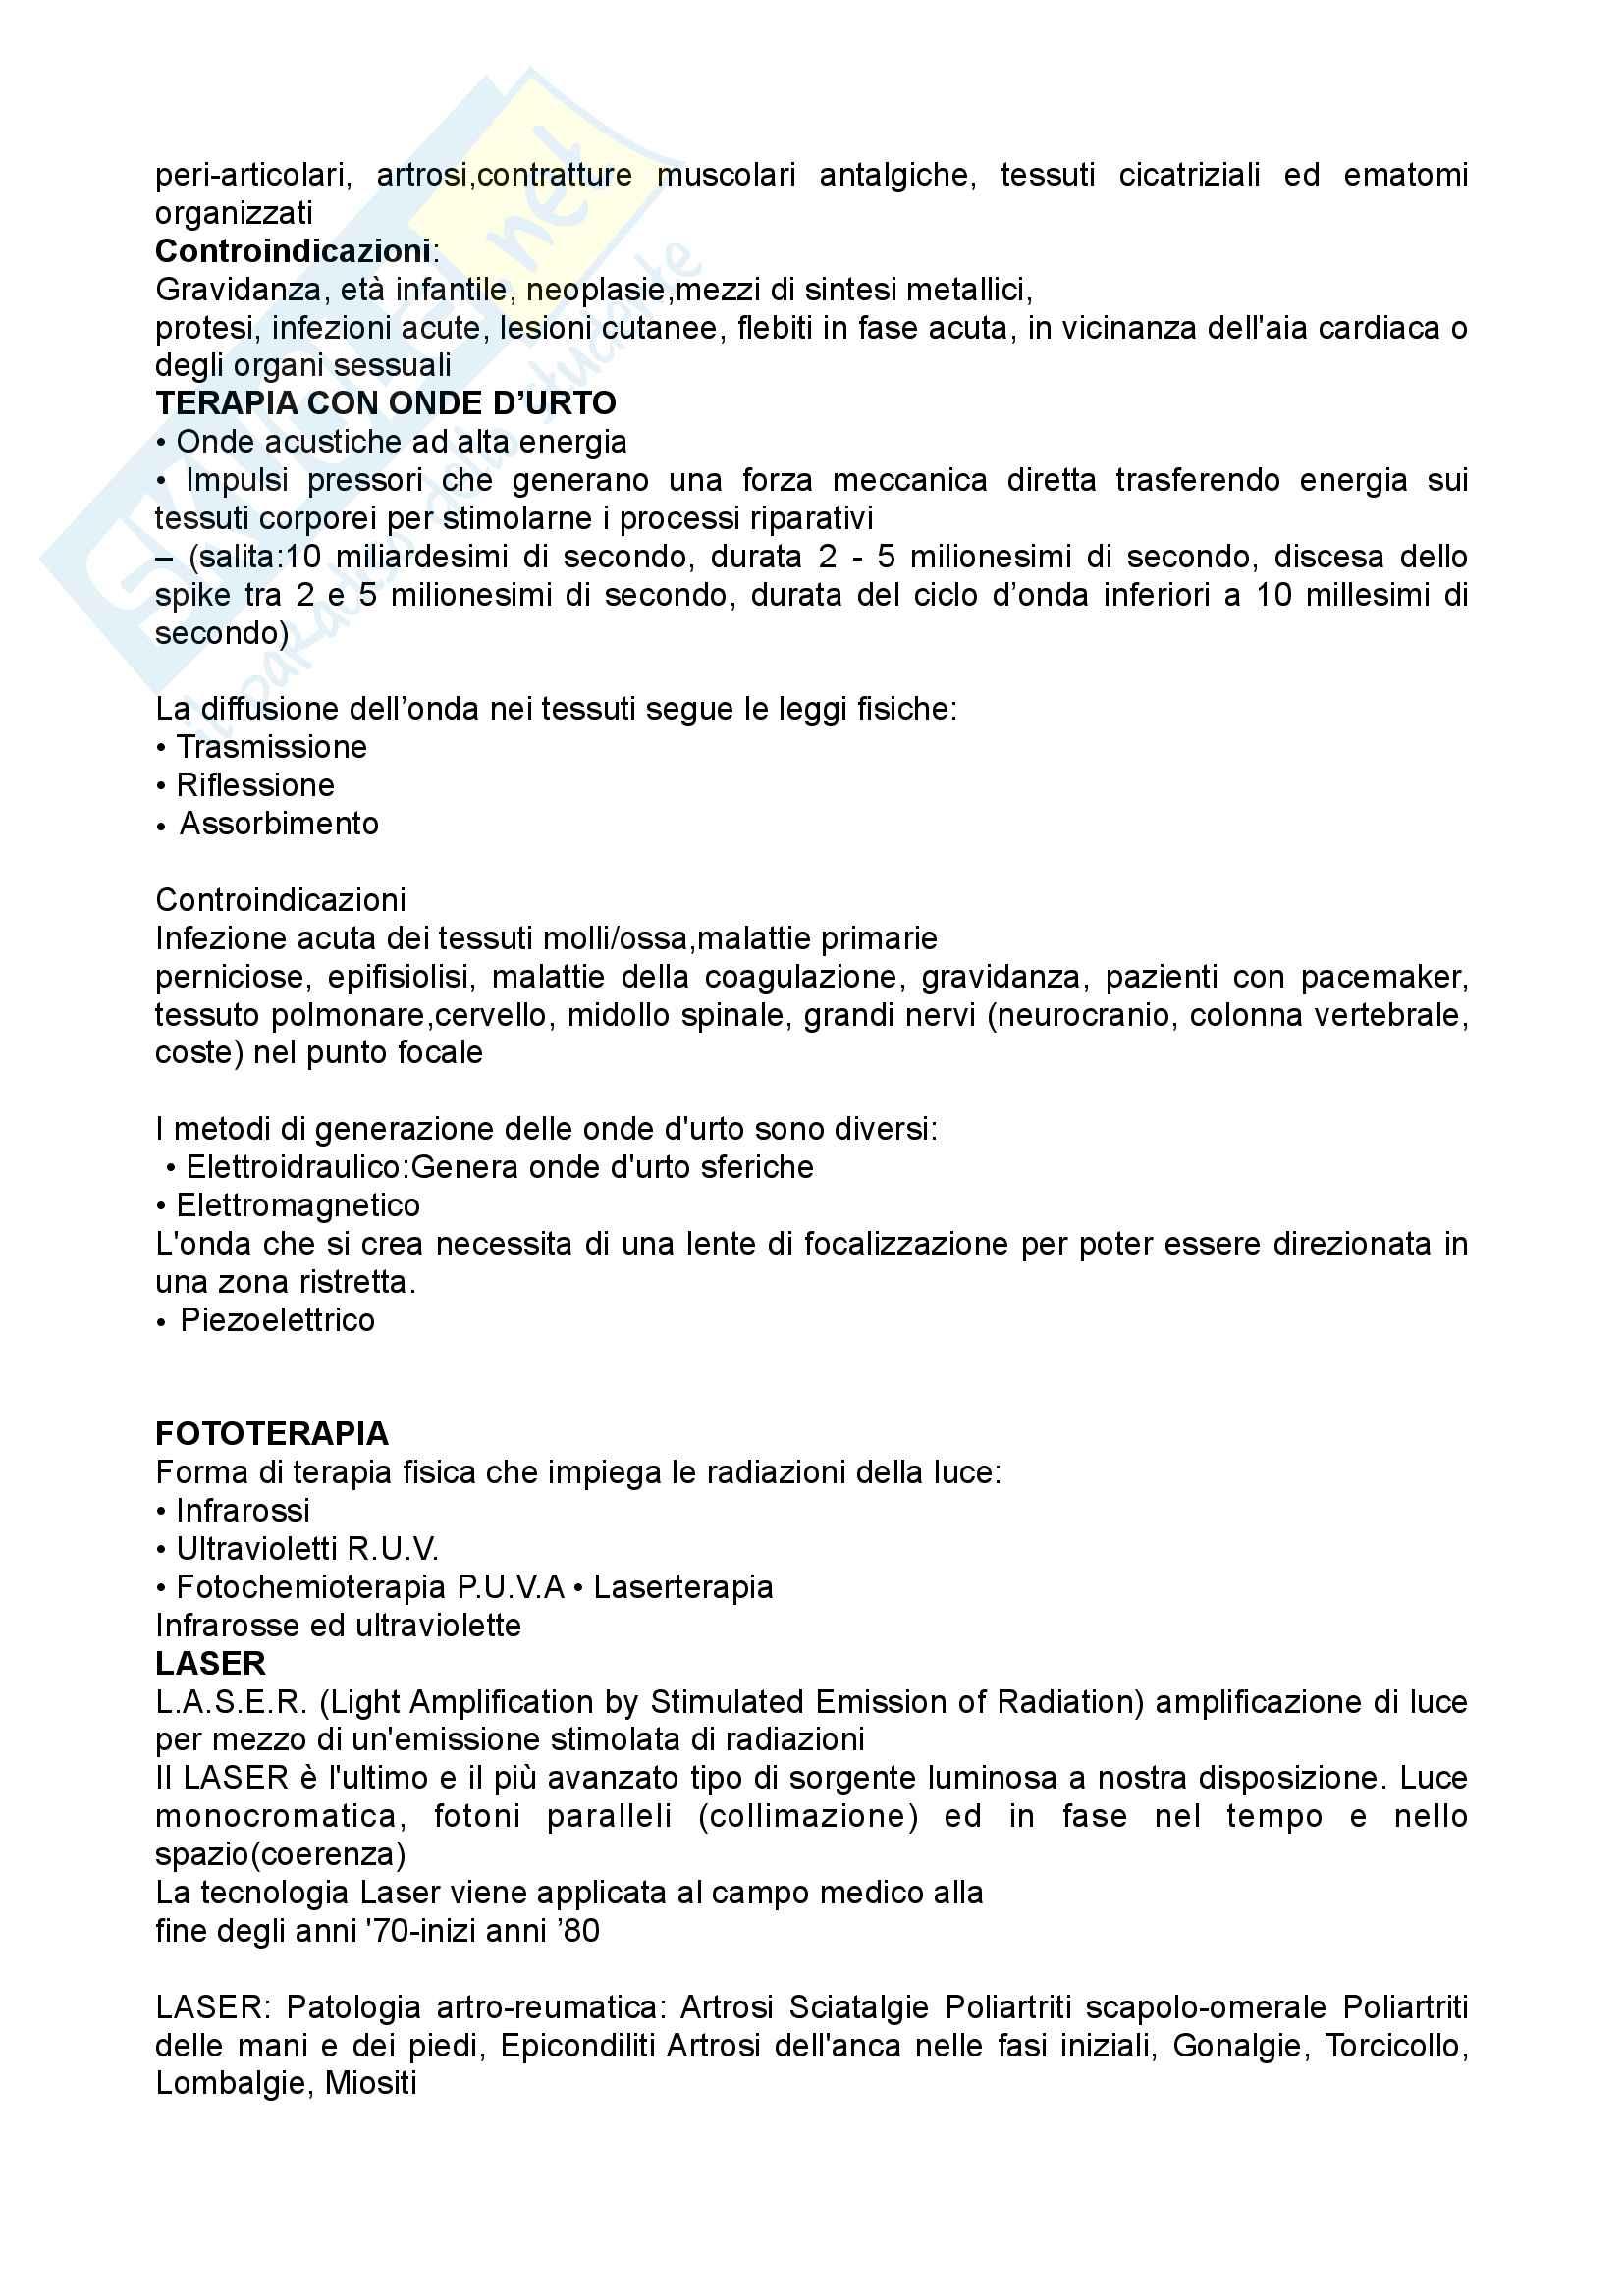 Traumatologia e riabilitazione Pag. 26